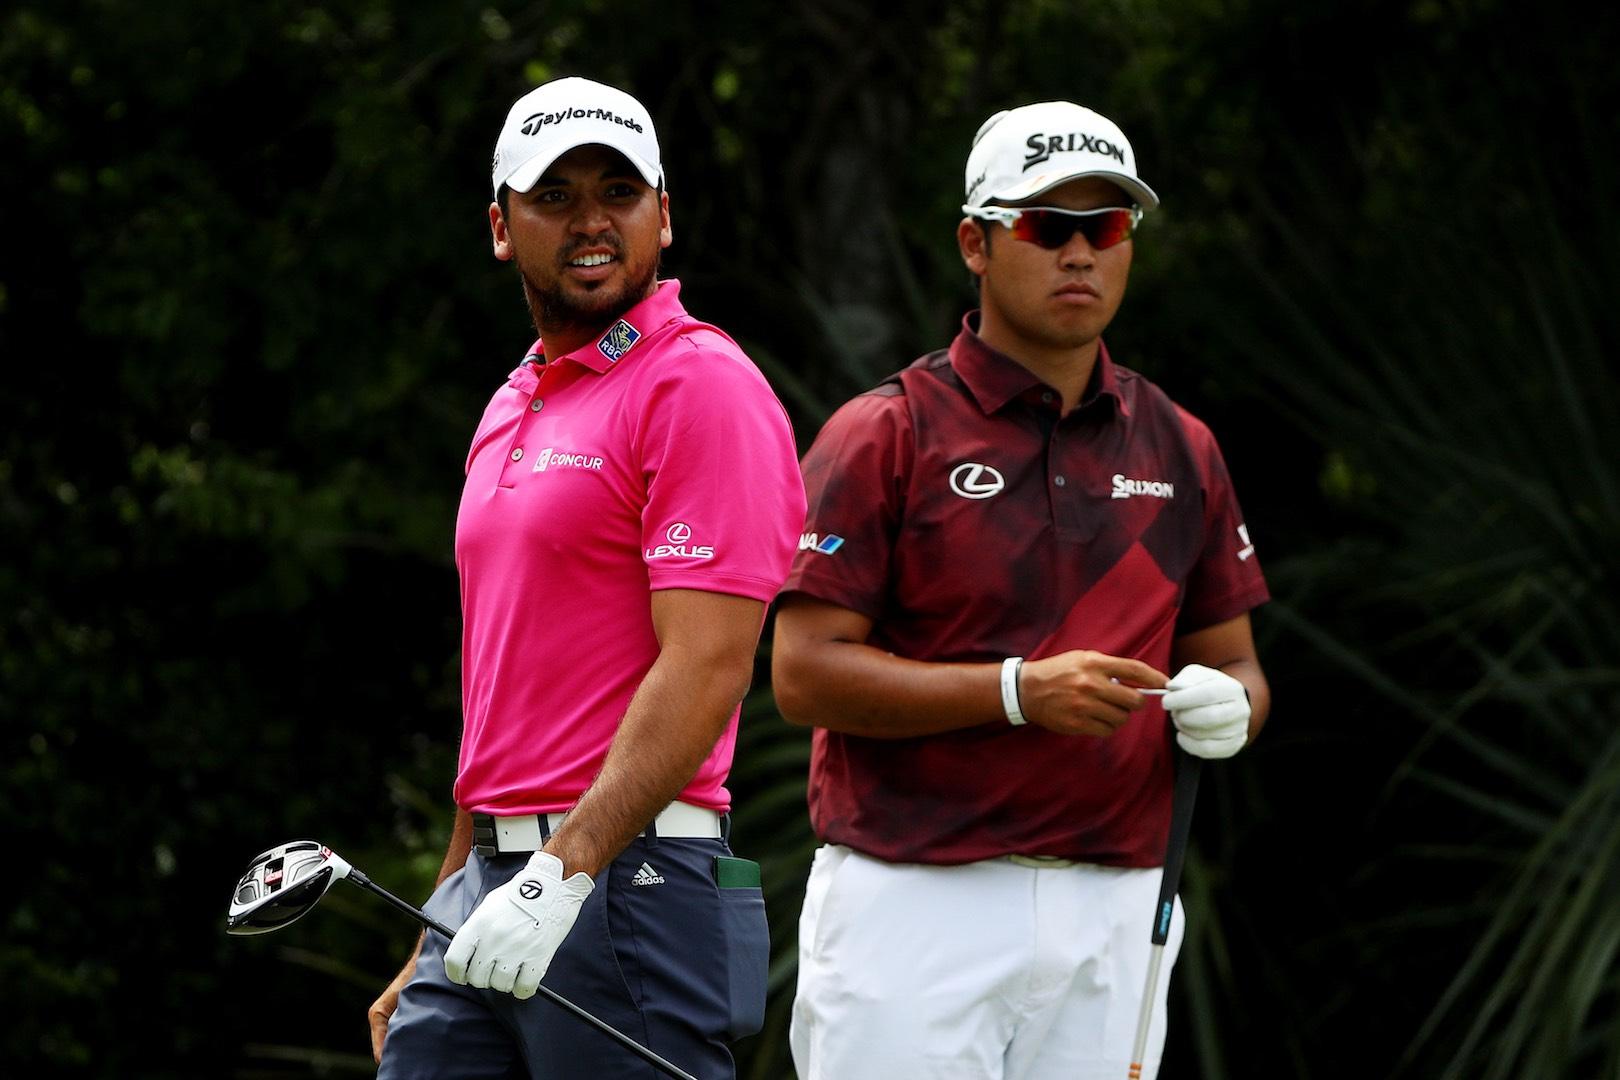 Hideki Matsuyama latest to pull out of Olympics